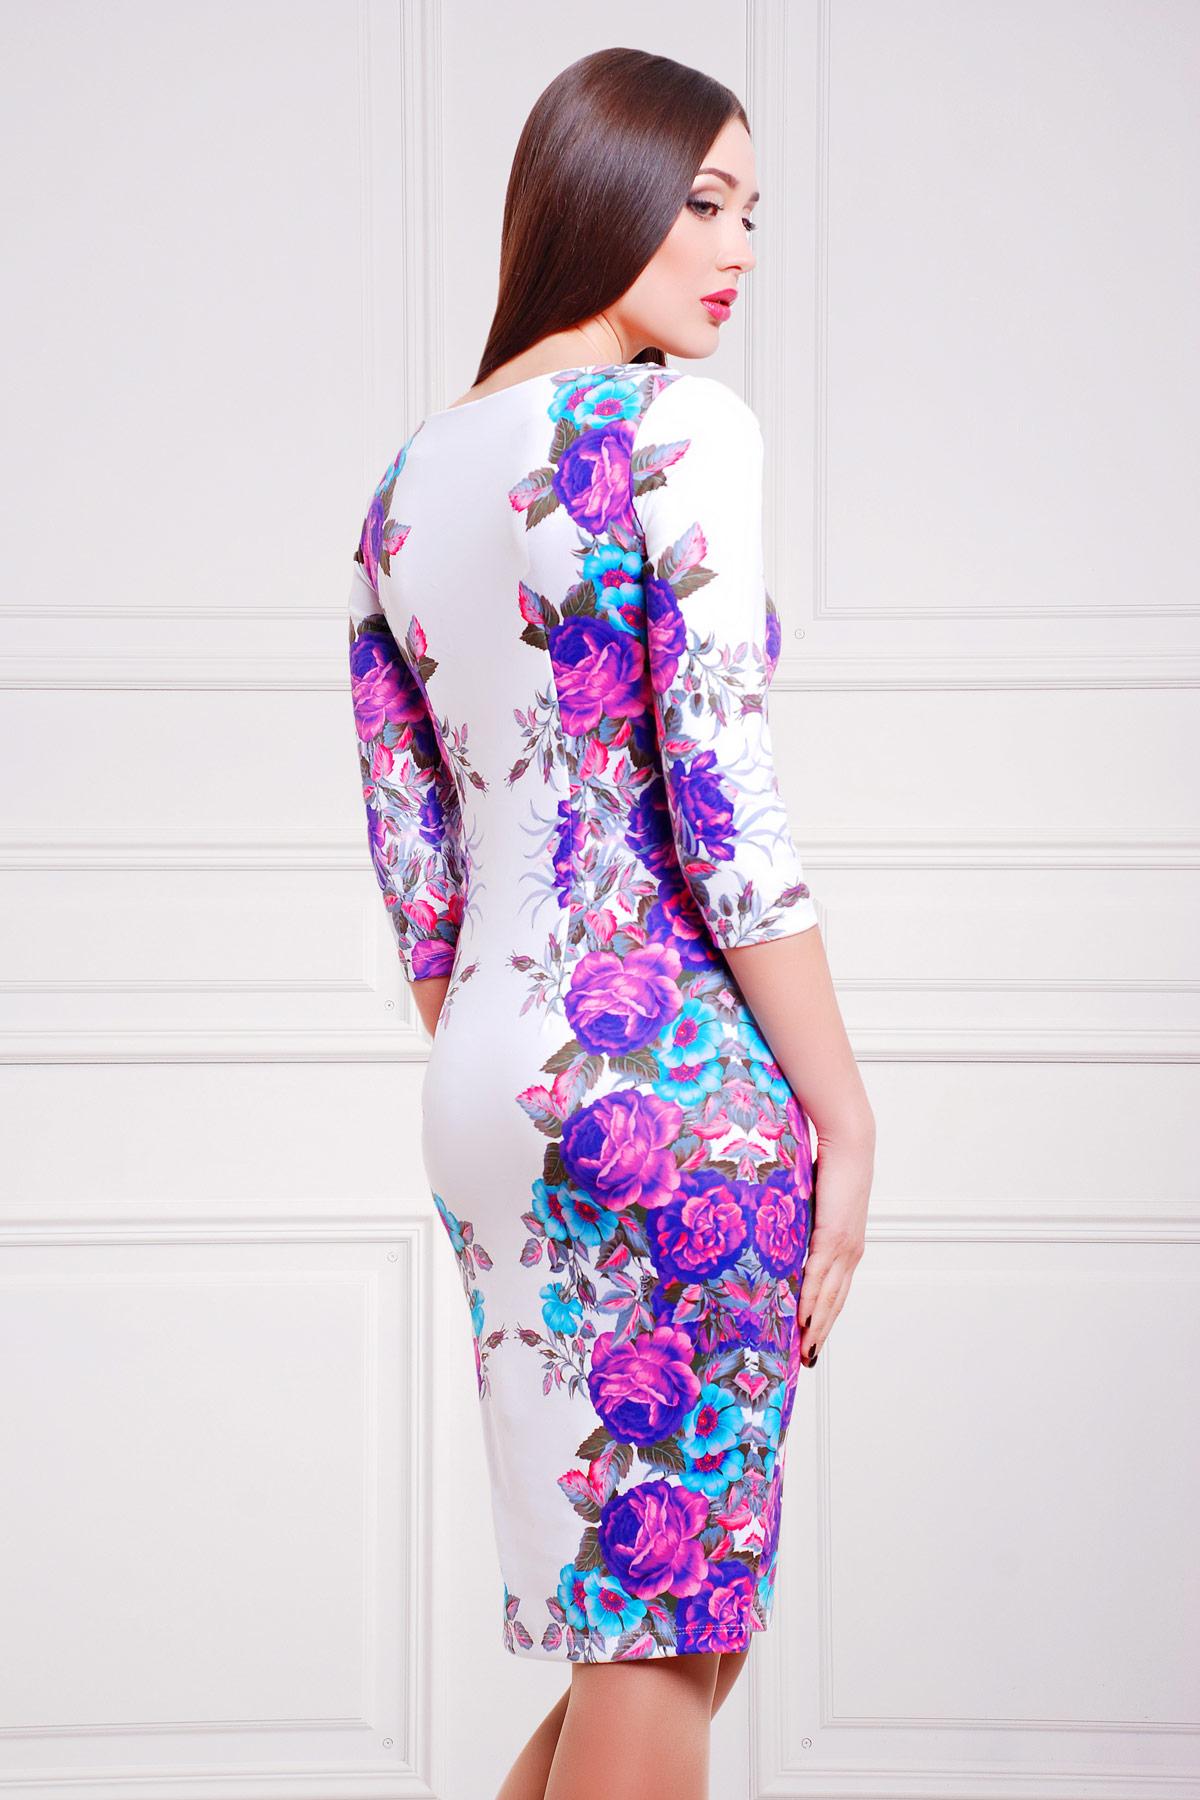 ce377b8ece16 Облегающее платье до колен с фиолетовыми цветами. Фиолетовые розы платье Лоя -1 д